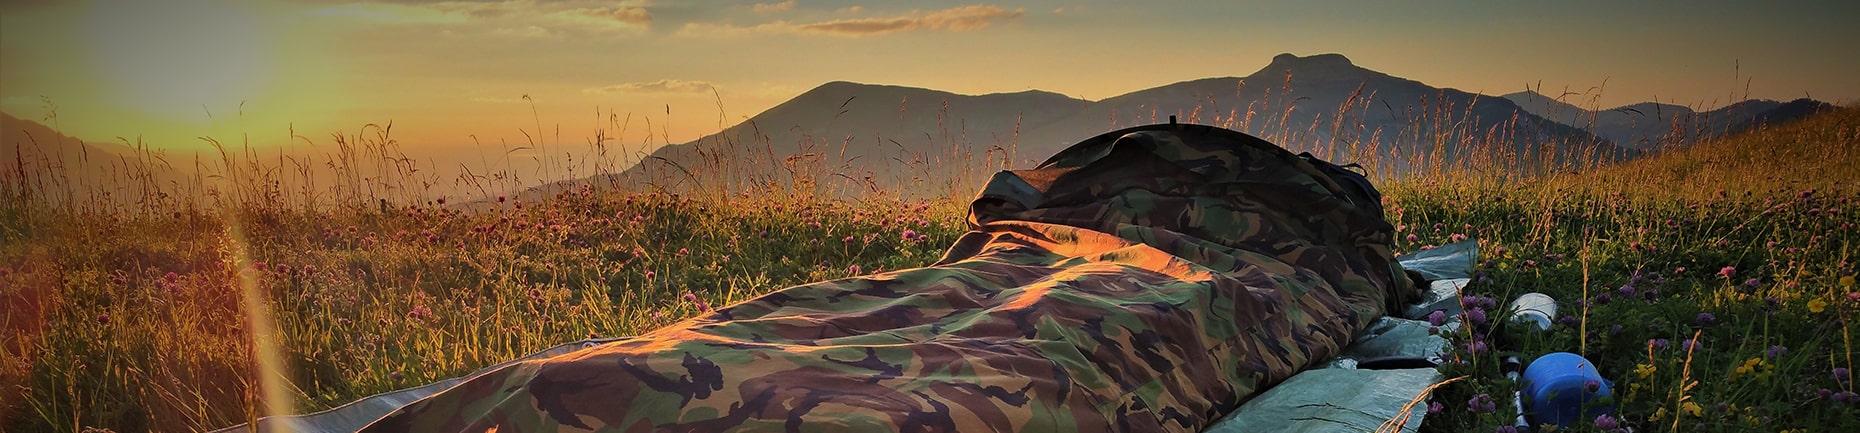 Biwakcamp in den Bergen mit Sonnenaufgang